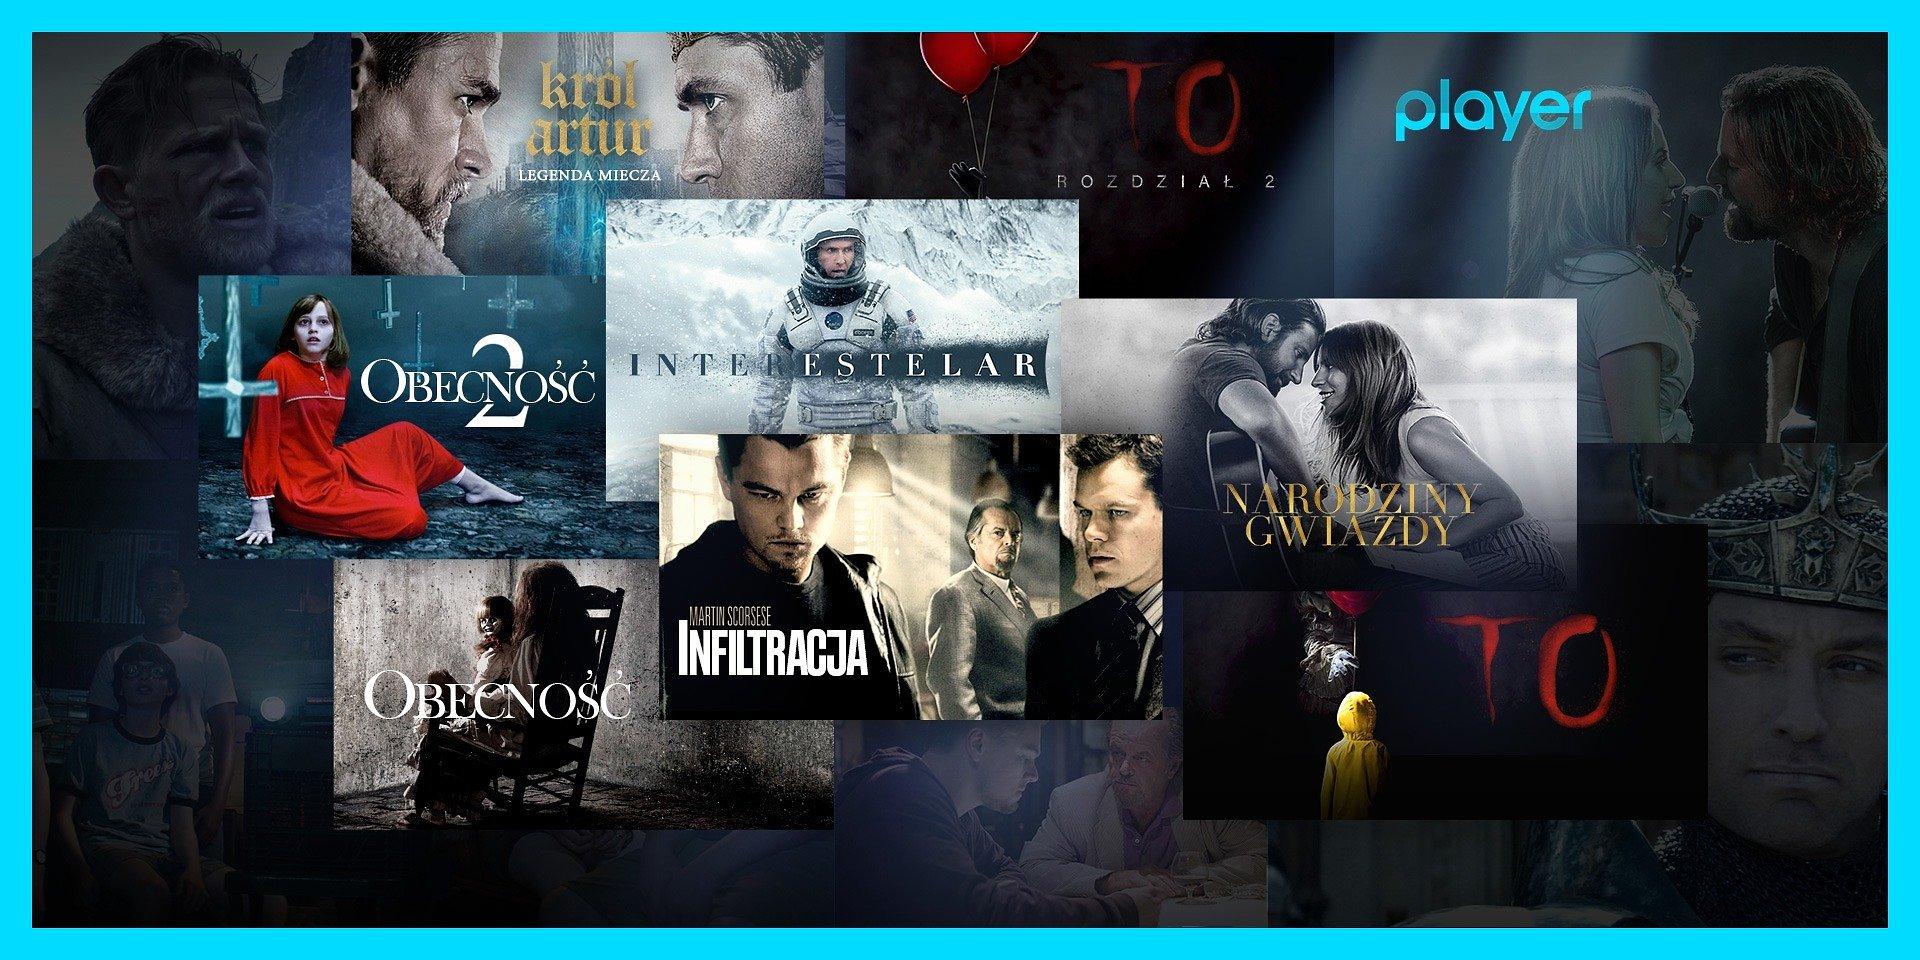 Najlepsze filmy w Twoim pakiecie w Playerze!